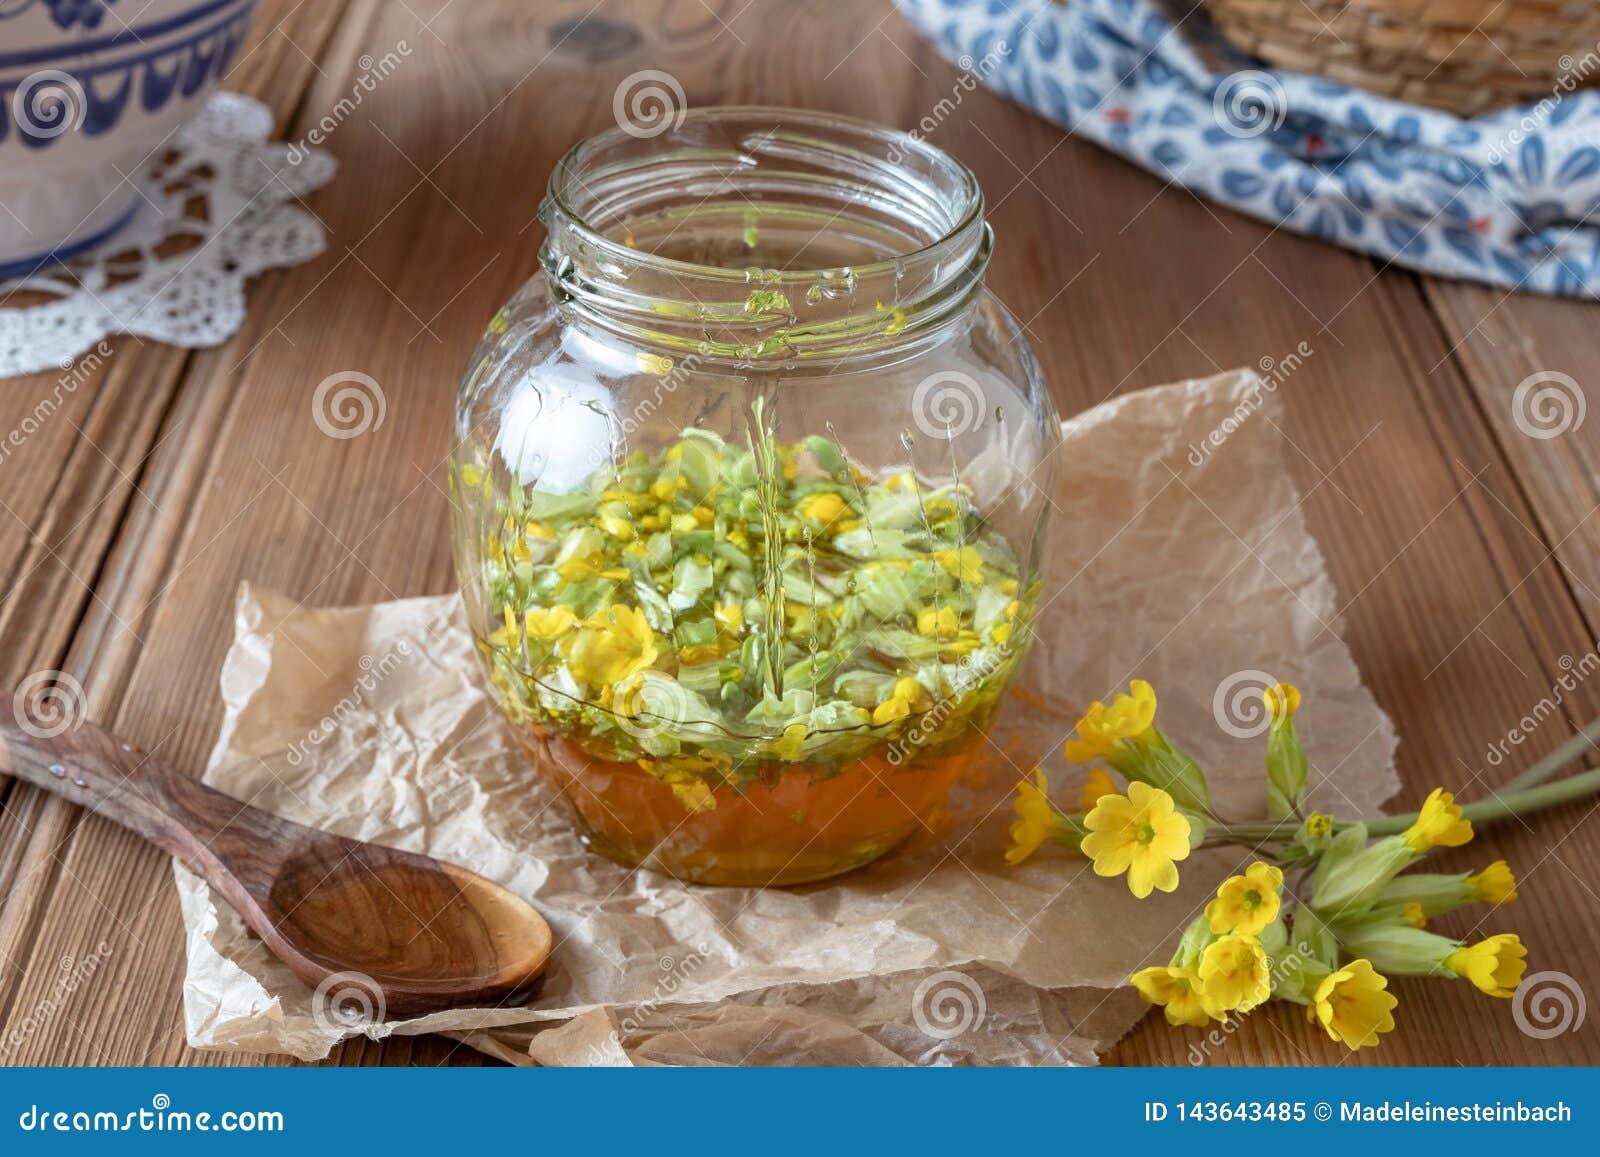 糖浆的准备从新鲜的报春花和蜂蜜的